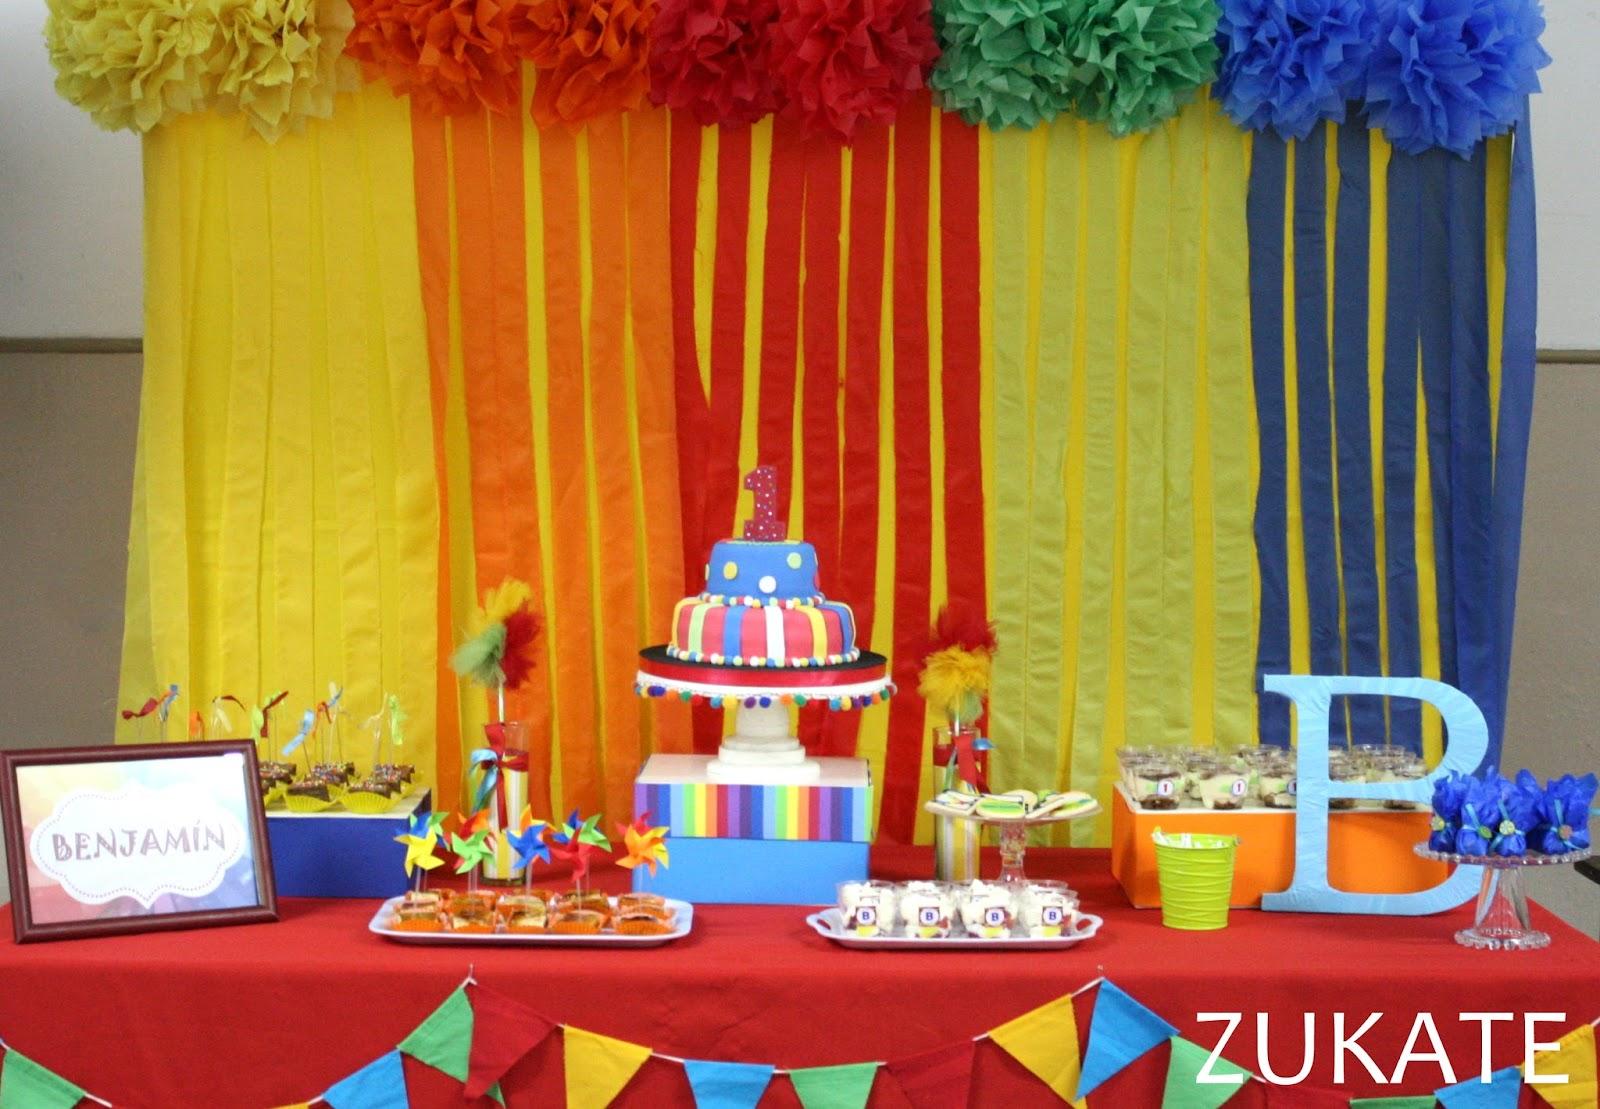 Fiesta de colores para benjam n zukate - Decoracion para foto ...